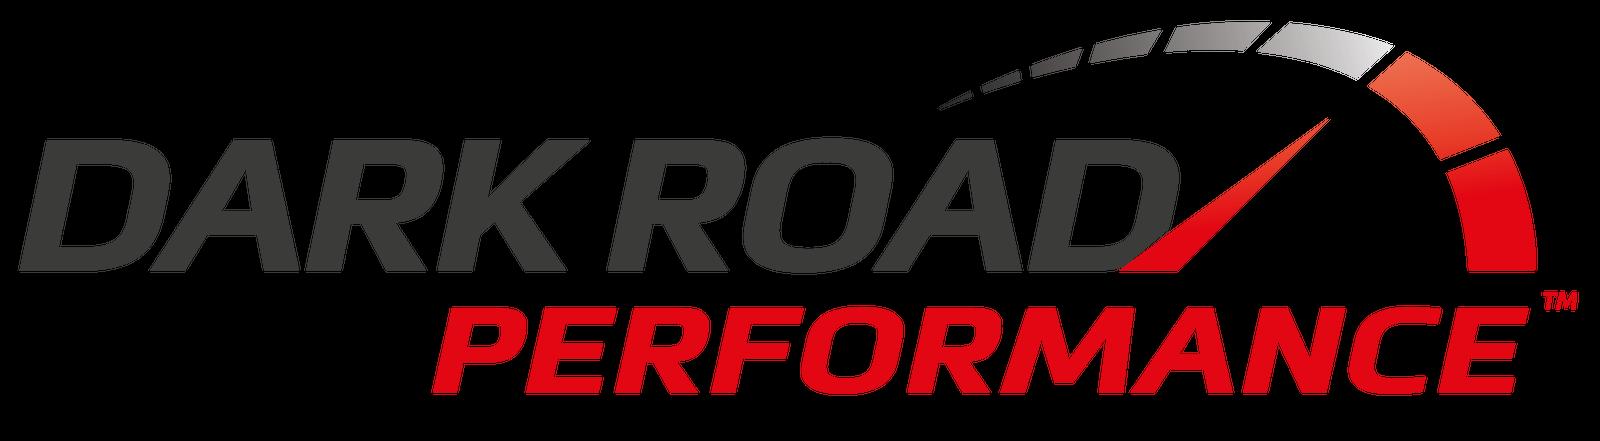 Dark Road Performance Ltd